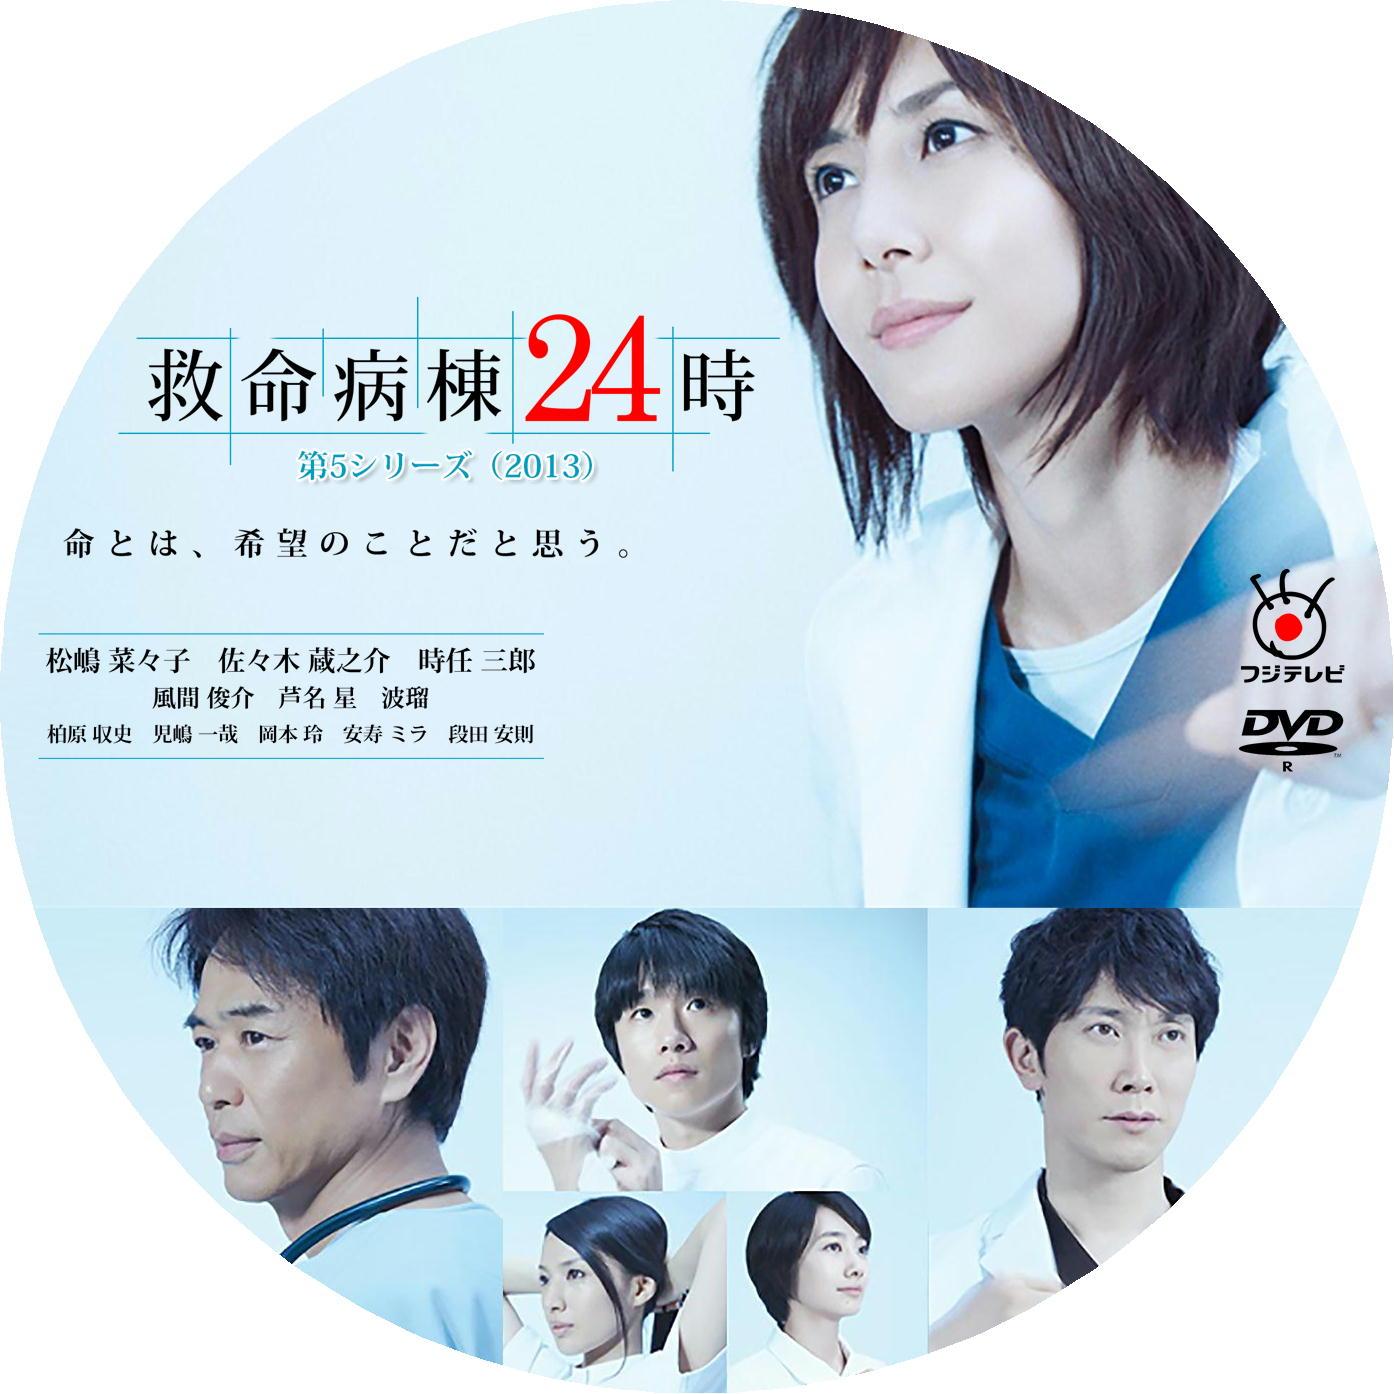 救命病棟24時 DVDラベル